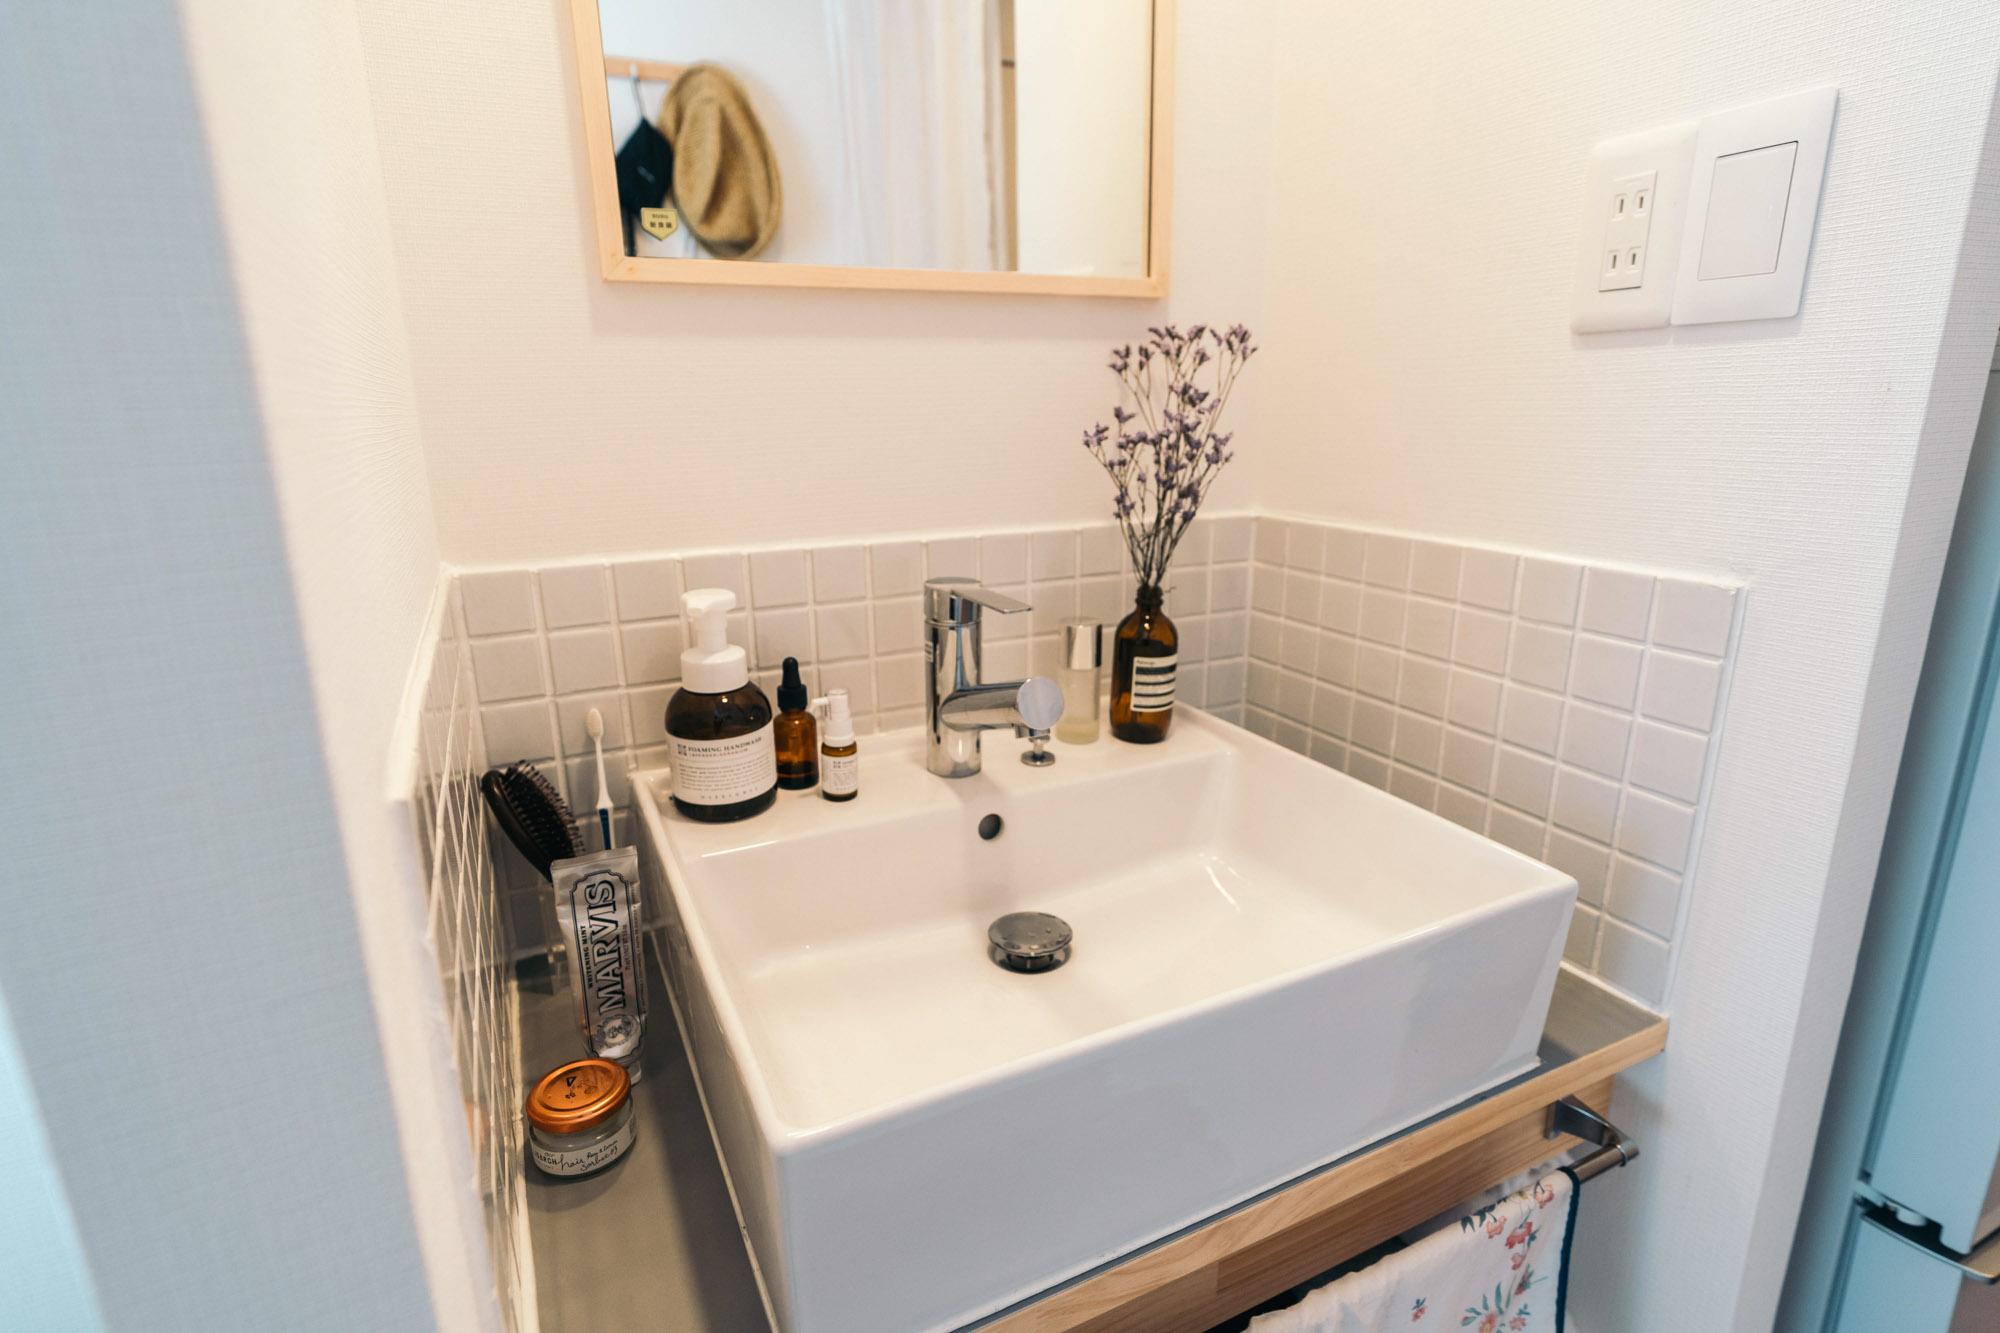 おすすめは洗面台など、水場の近くに普段からグリーンやお花を飾ること。手を洗うたびに目に入りますし、水やりも簡単にできますよ。(このお部屋をもっと見る)